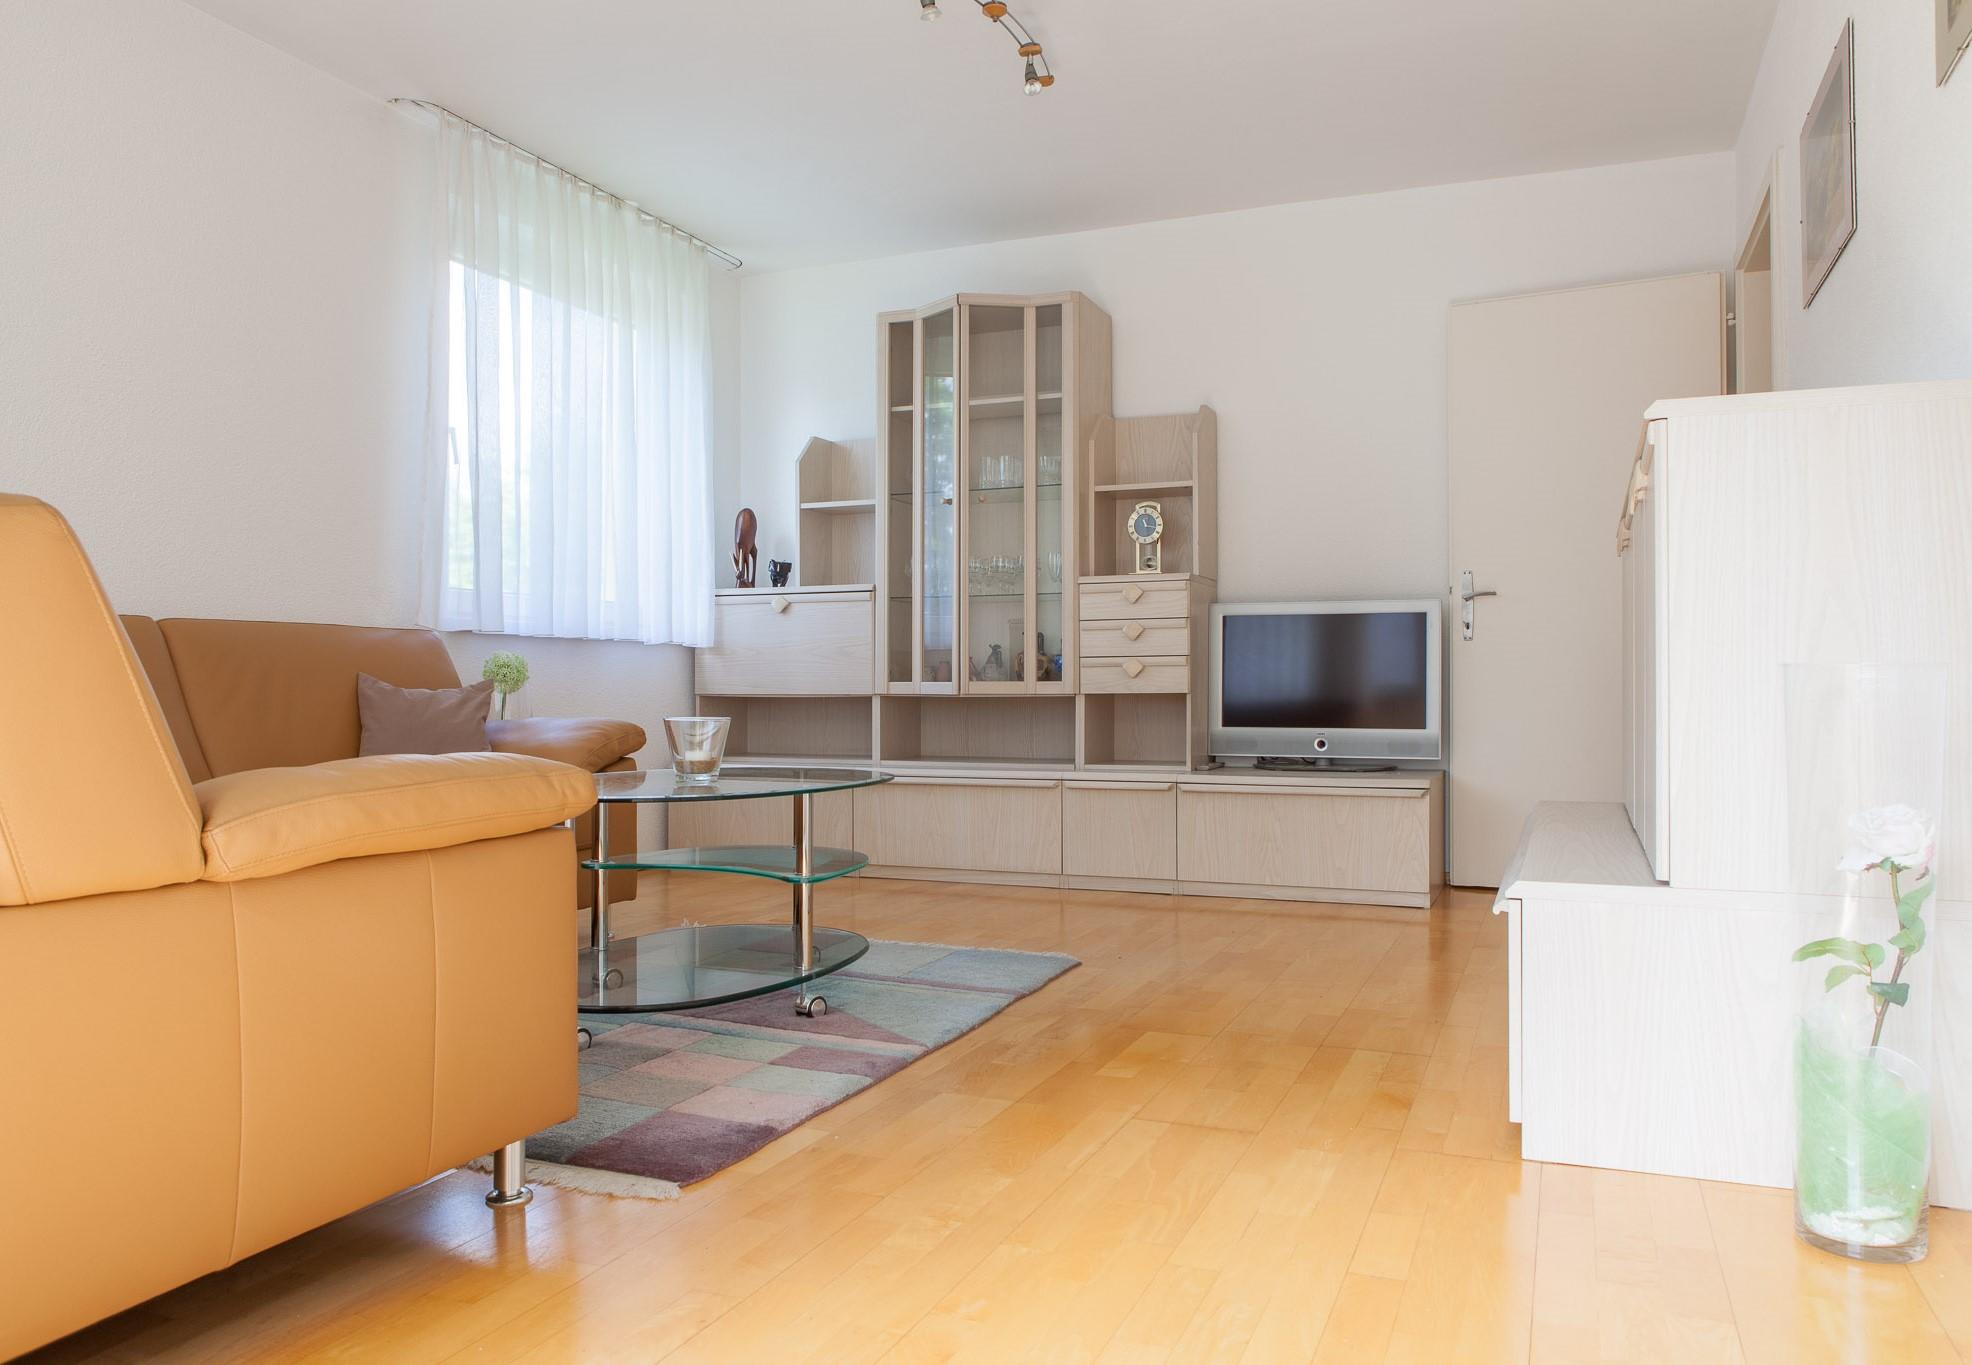 Wohnung mieten feldkirch immobilienmakler vorarlberg for Immobilienmakler wohnung mieten